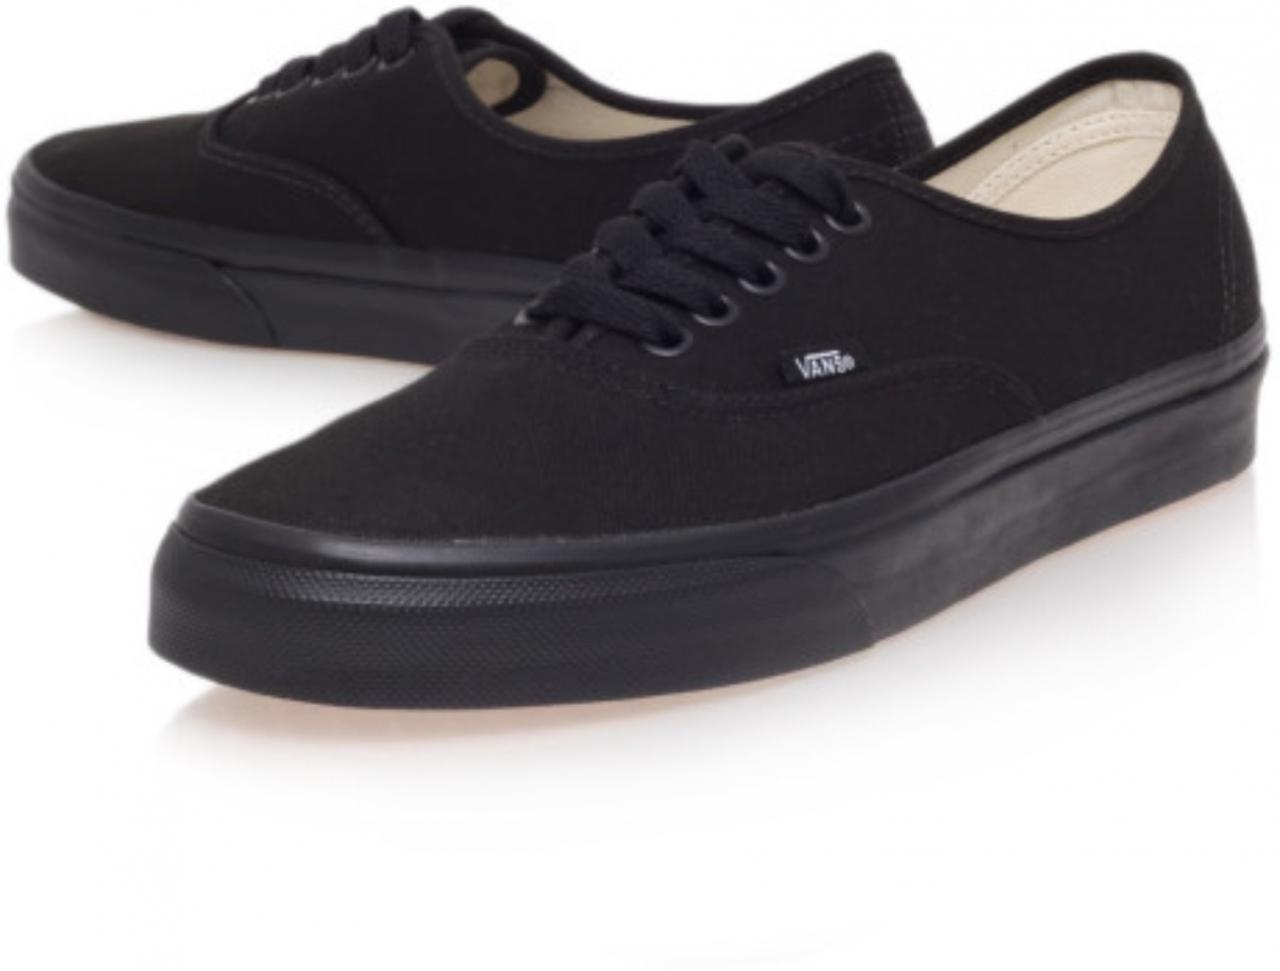 5613f83b3d CLASSIC LOW CUT VANS SHOES BLACK  Product No  64830. Item specifics  Seller  SKU S105  Brand